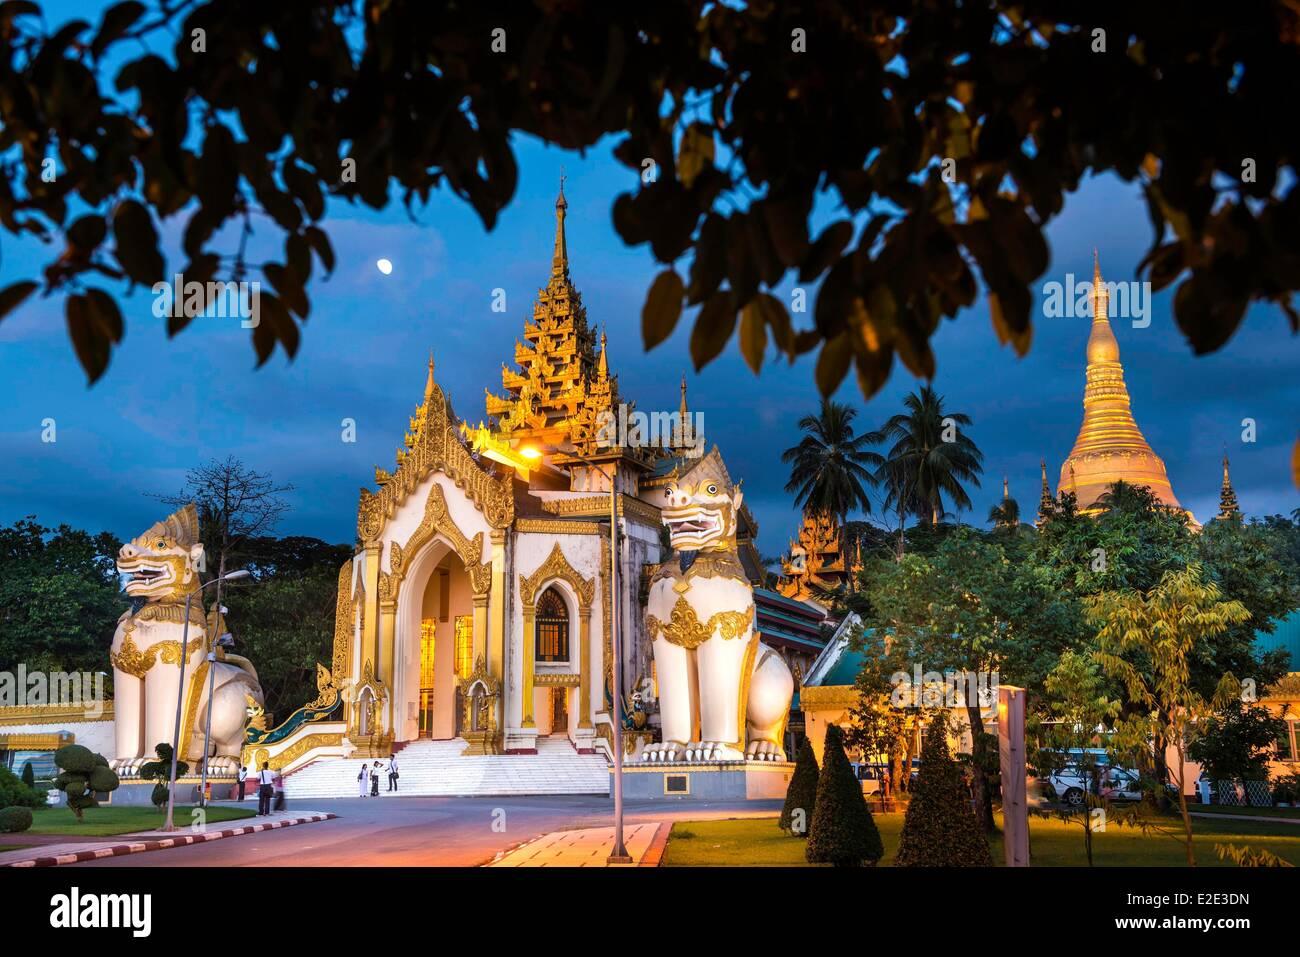 Myanmar (Burma) Yangon divison Yangon Kandawgyi District People's Park Shwedagon Paya avenue Shwedagon Pagoda - Stock Image